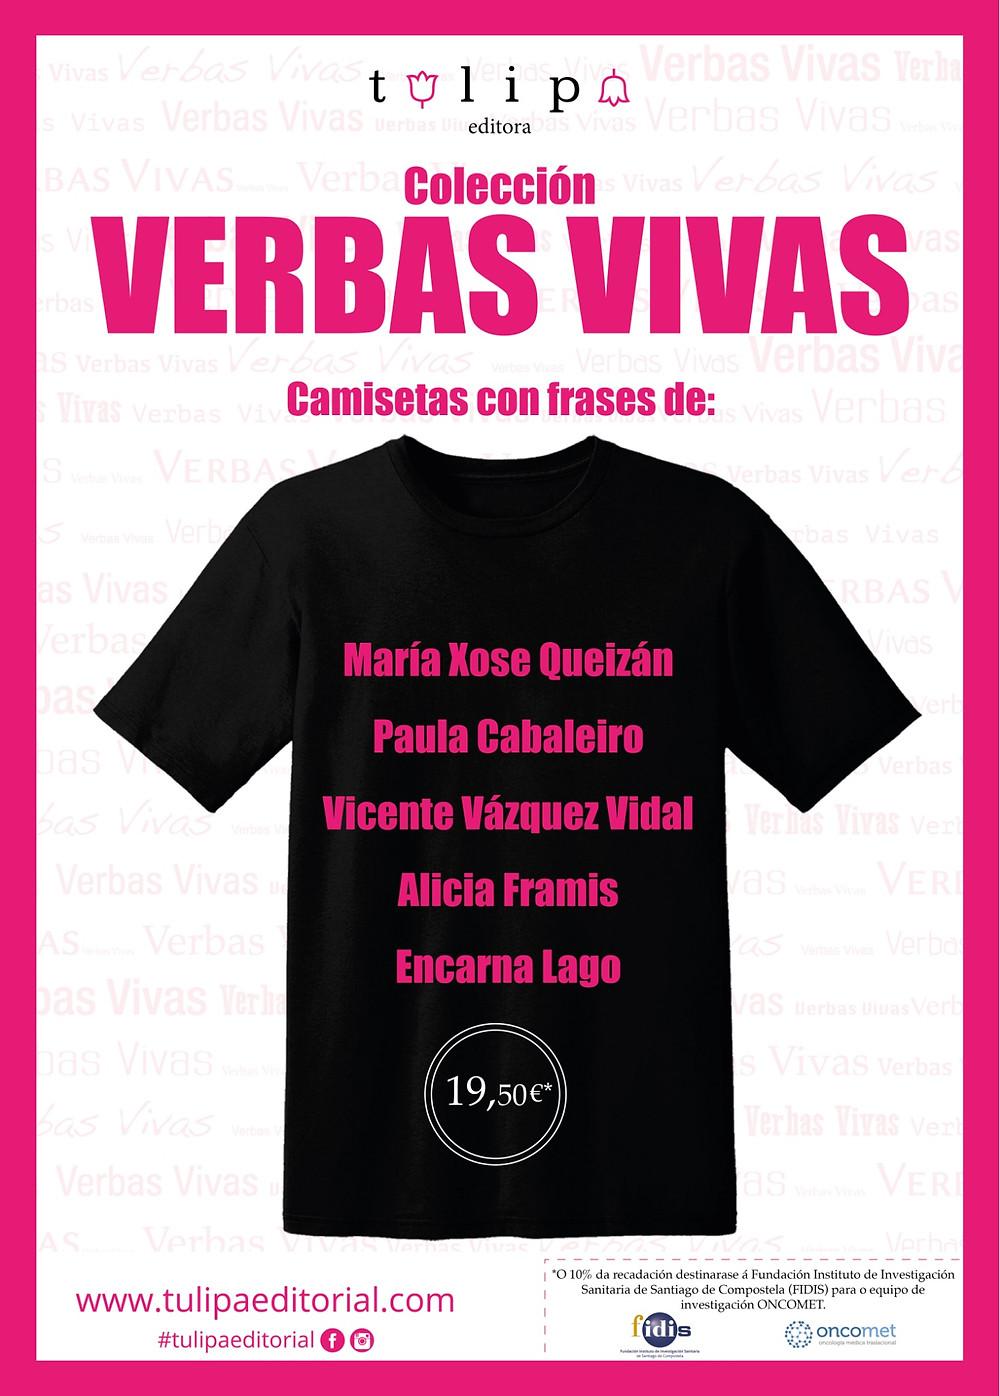 Verbas Vivas Tulipa editorial camisetas con mensaxe María Xosé Queizán Paula Cabaleiro Vicente Vázquez Vidal Alicia Framis Encarna Lago Isabel Patiño donación oncomet